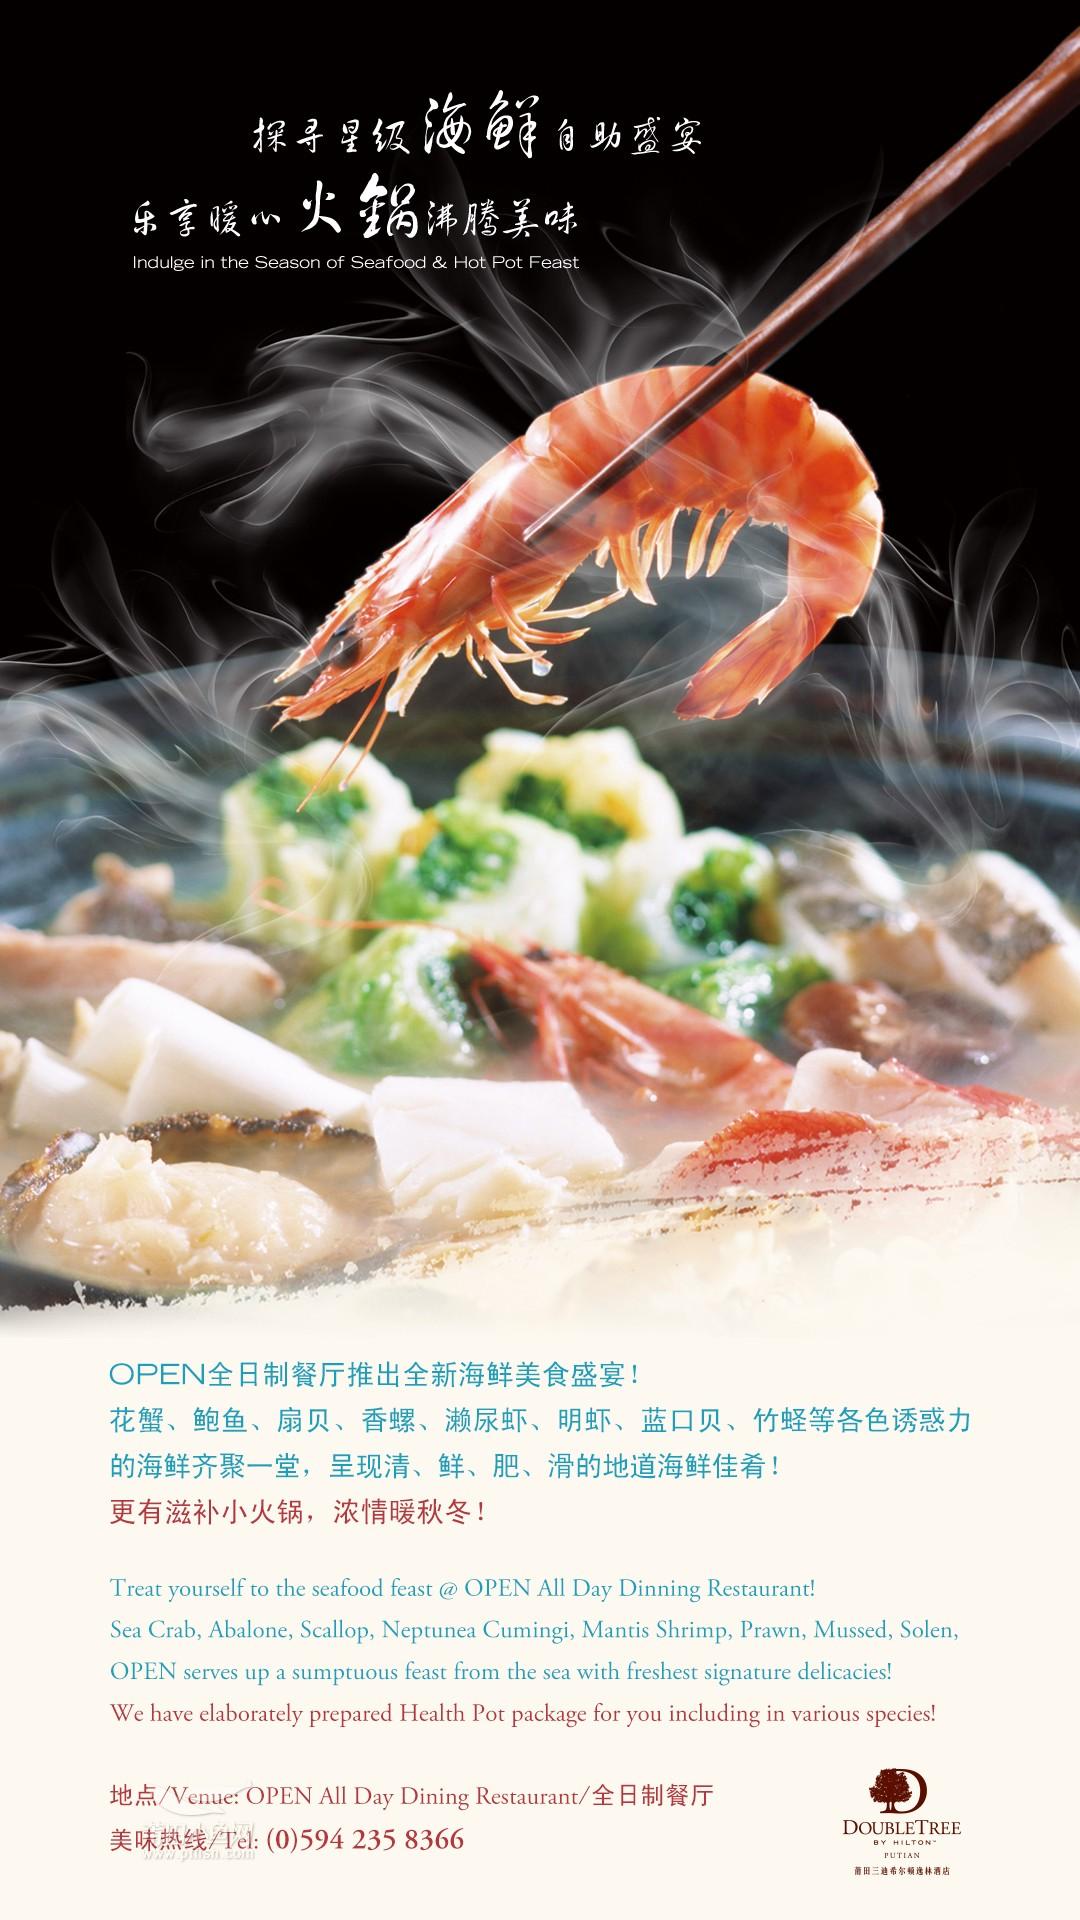 16-海鲜美食节 大堂.jpg